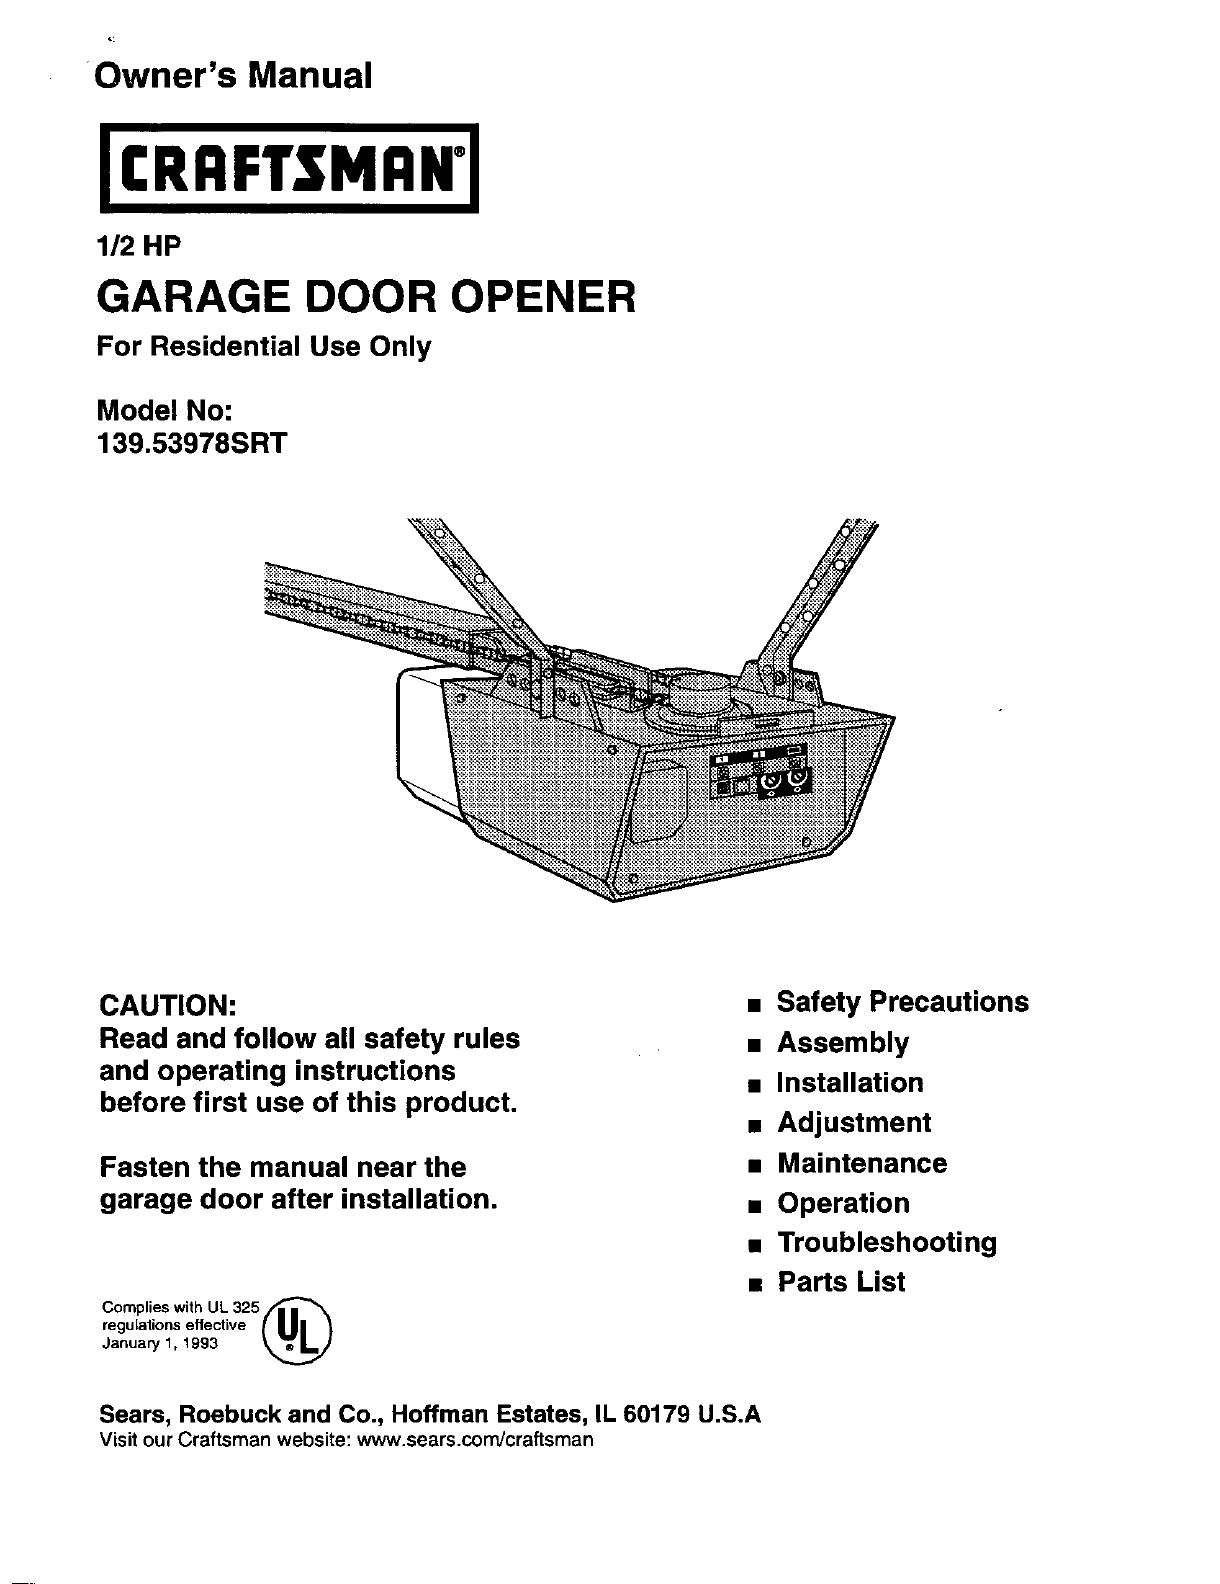 Craftsman 40.40SRT owner manual